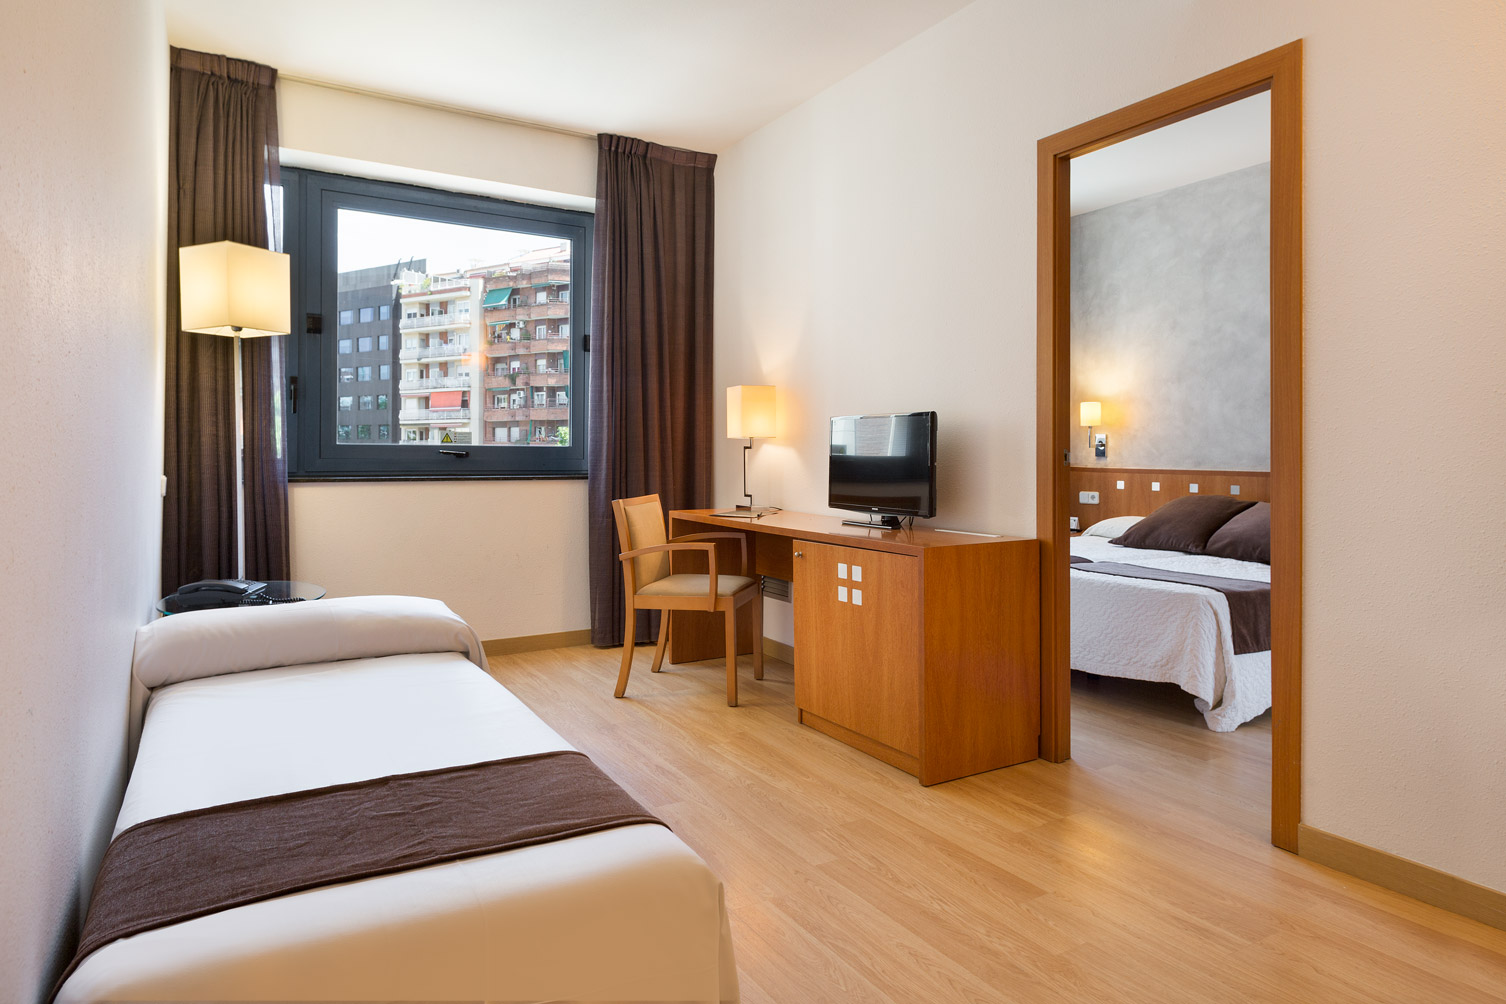 HOTEL_AZUL_HABITACION_TRIPLE_APTO3_02